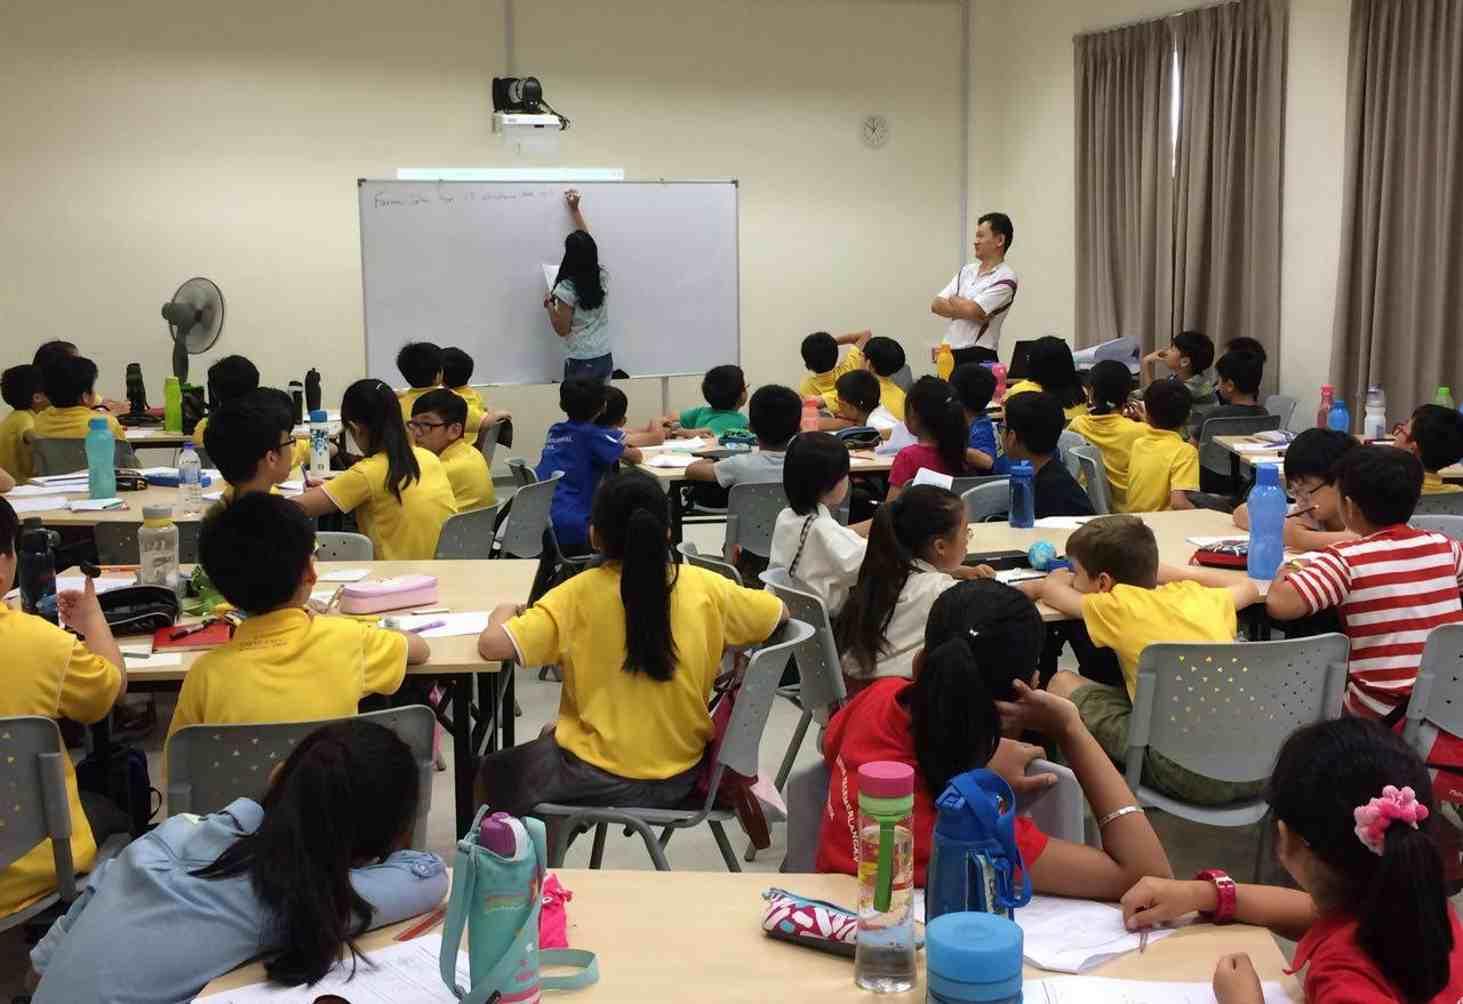 kak-obuchayut-matematike-v-singapure